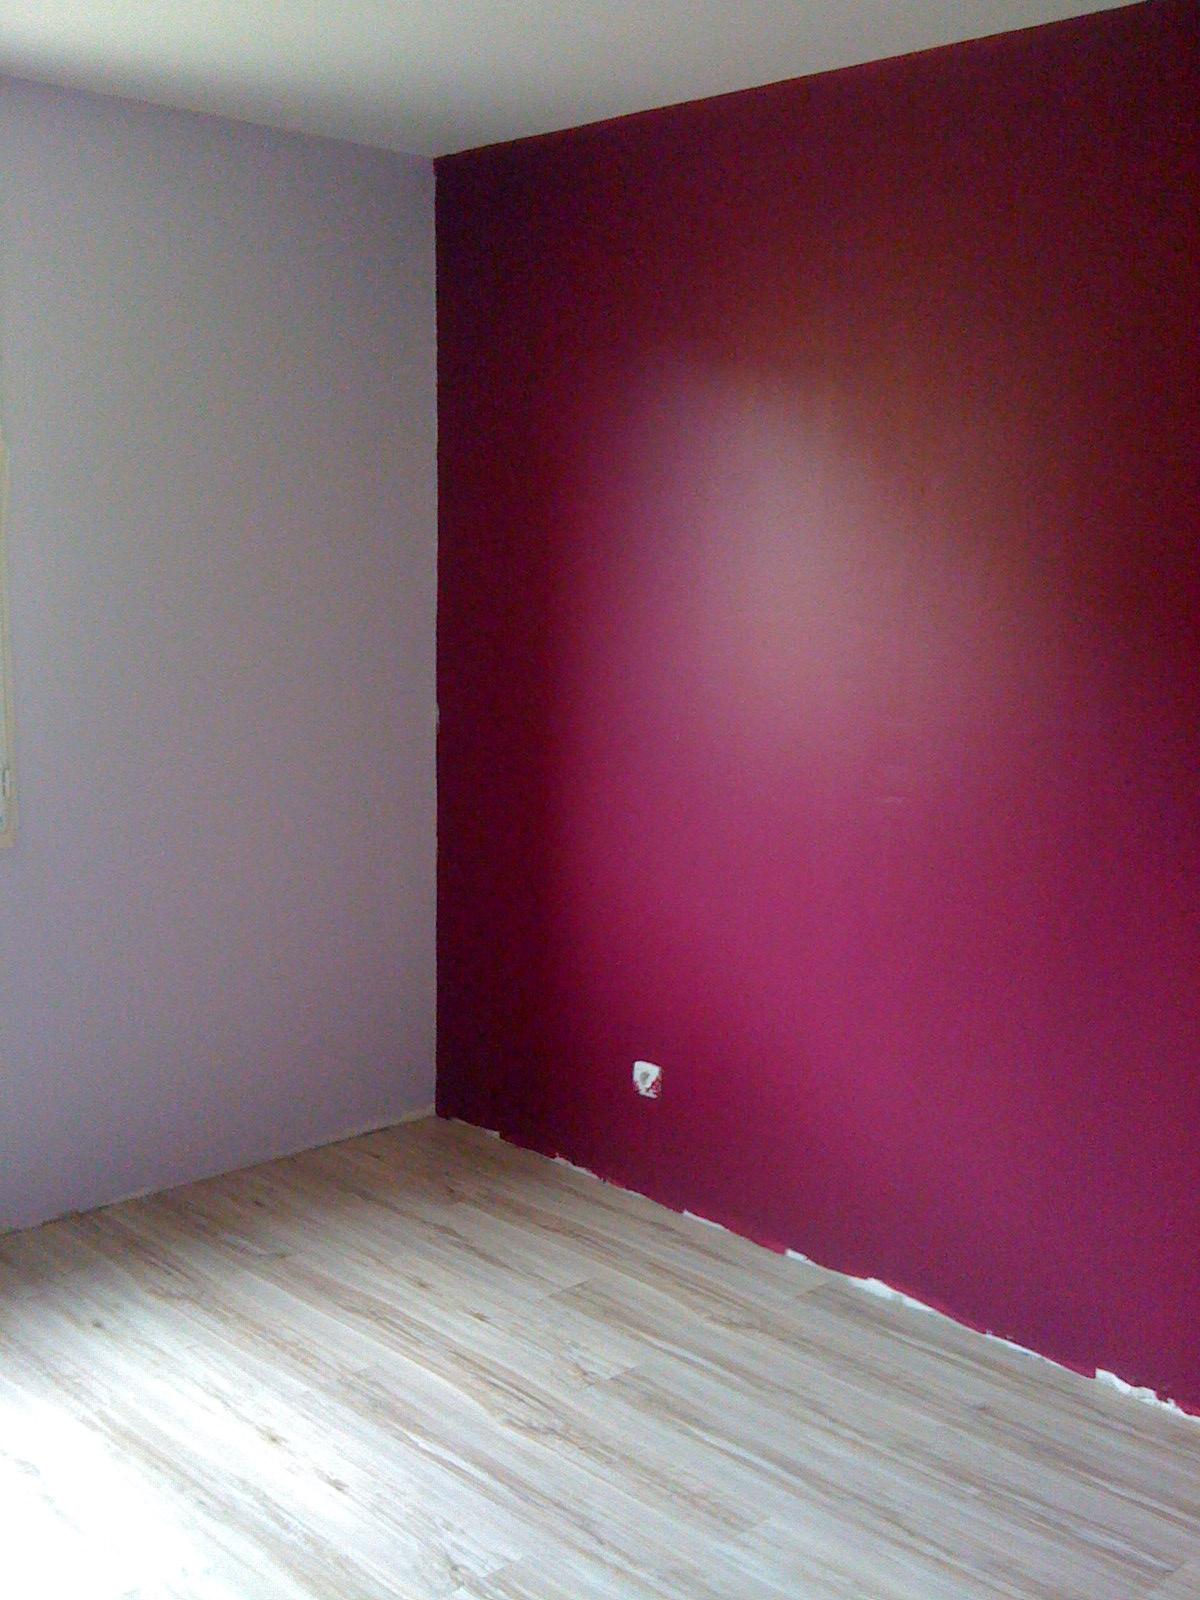 Decoration Chambre Gris Et Rose : Les deux autres pièces (salle de jeu et dressingbuanderie) ont les